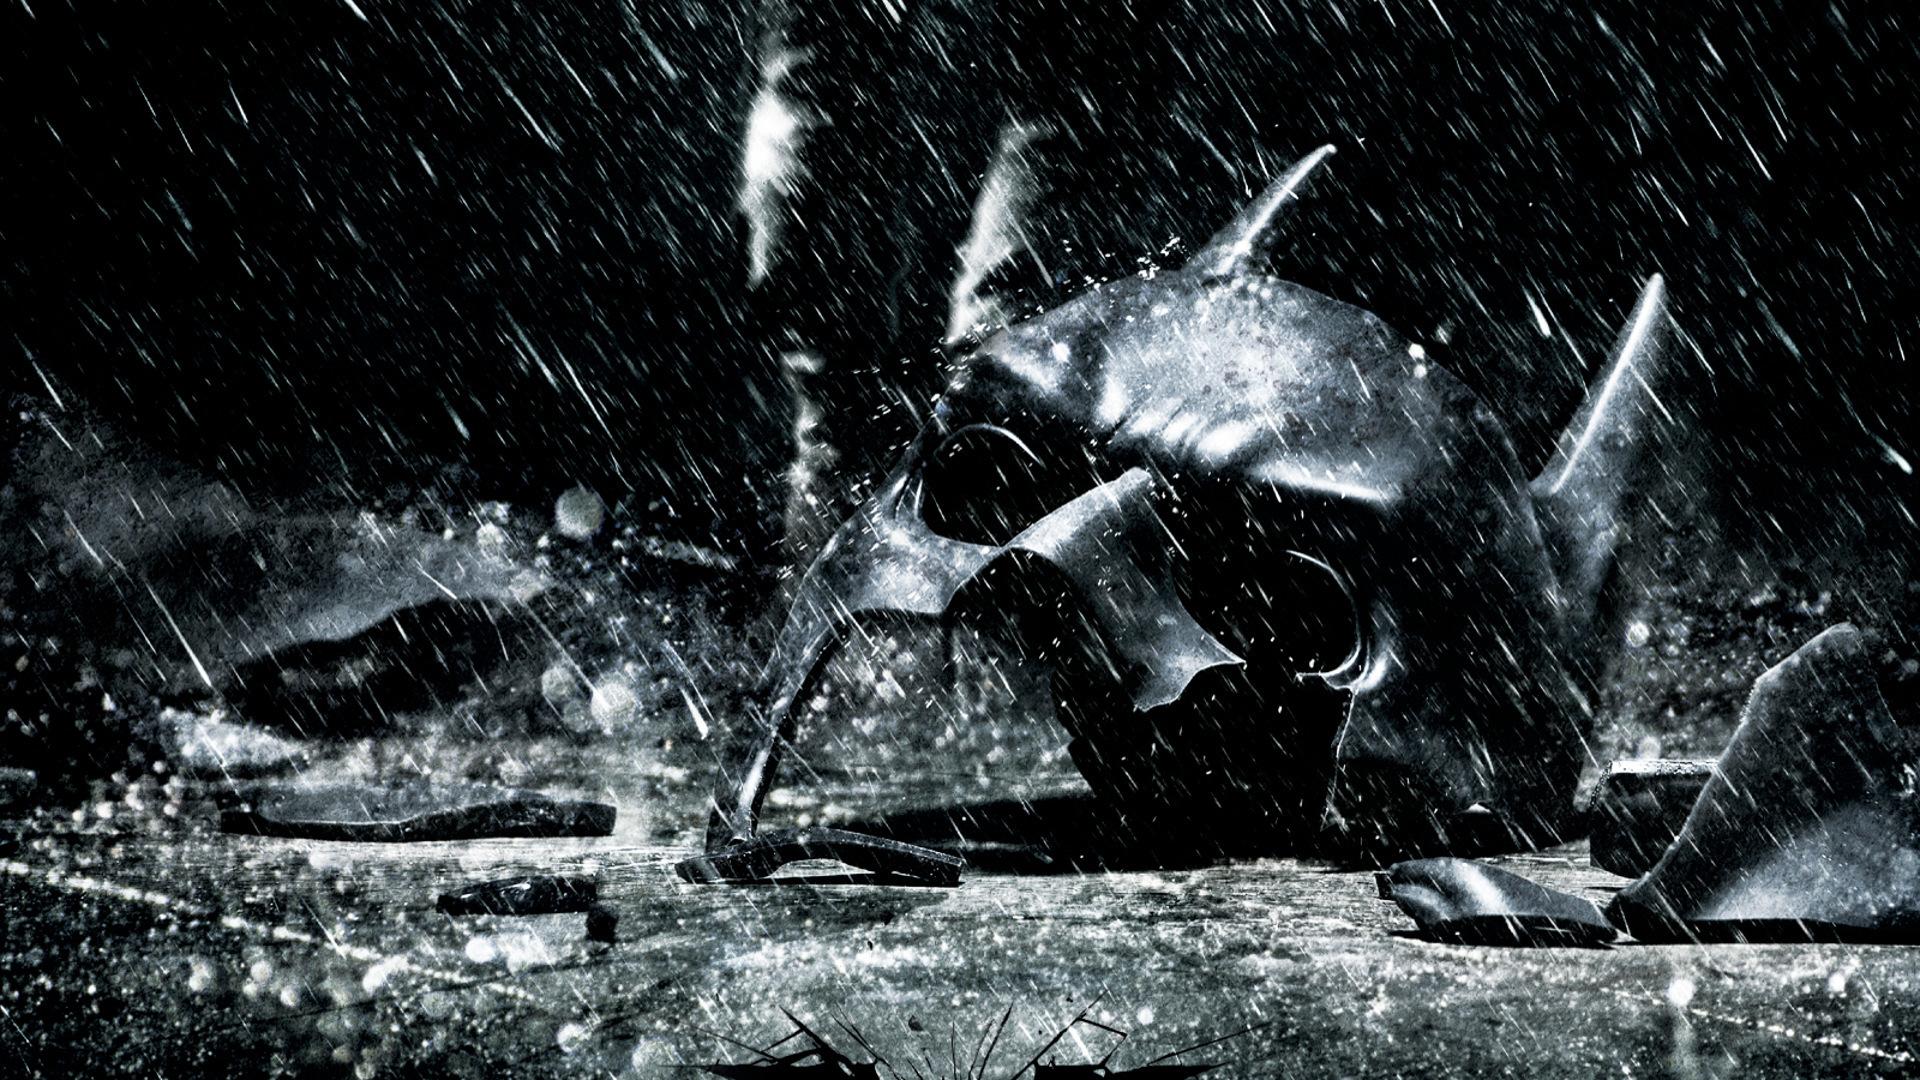 Imagen - The-Dark-Knight-Rises-Wallpaper-HD-1080p-4.jpg ...